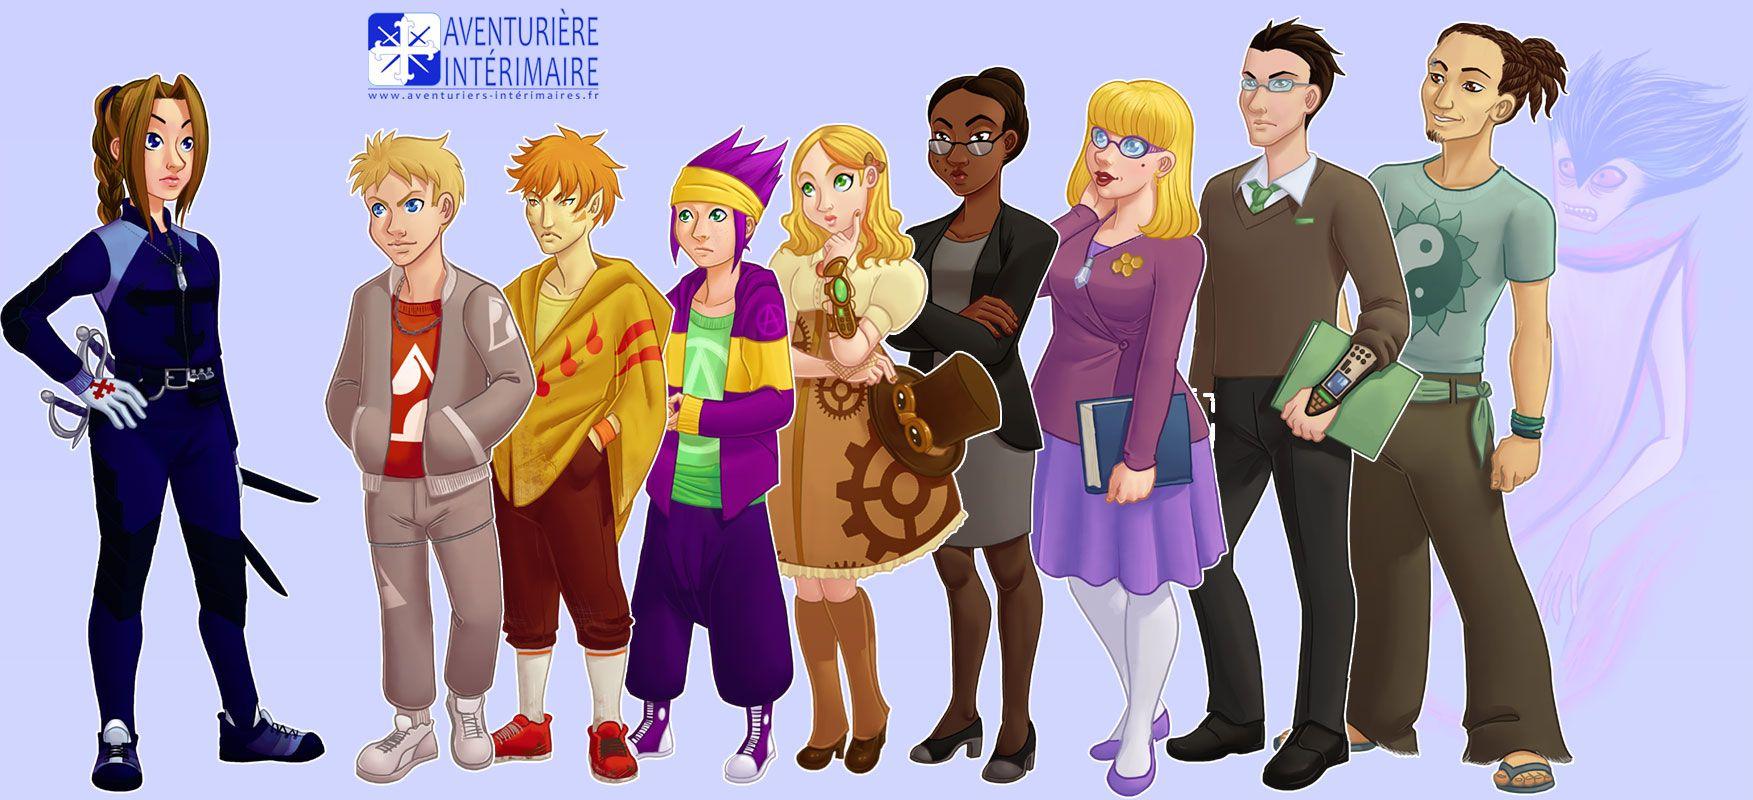 Aventurière Intérimaire: Les personnages